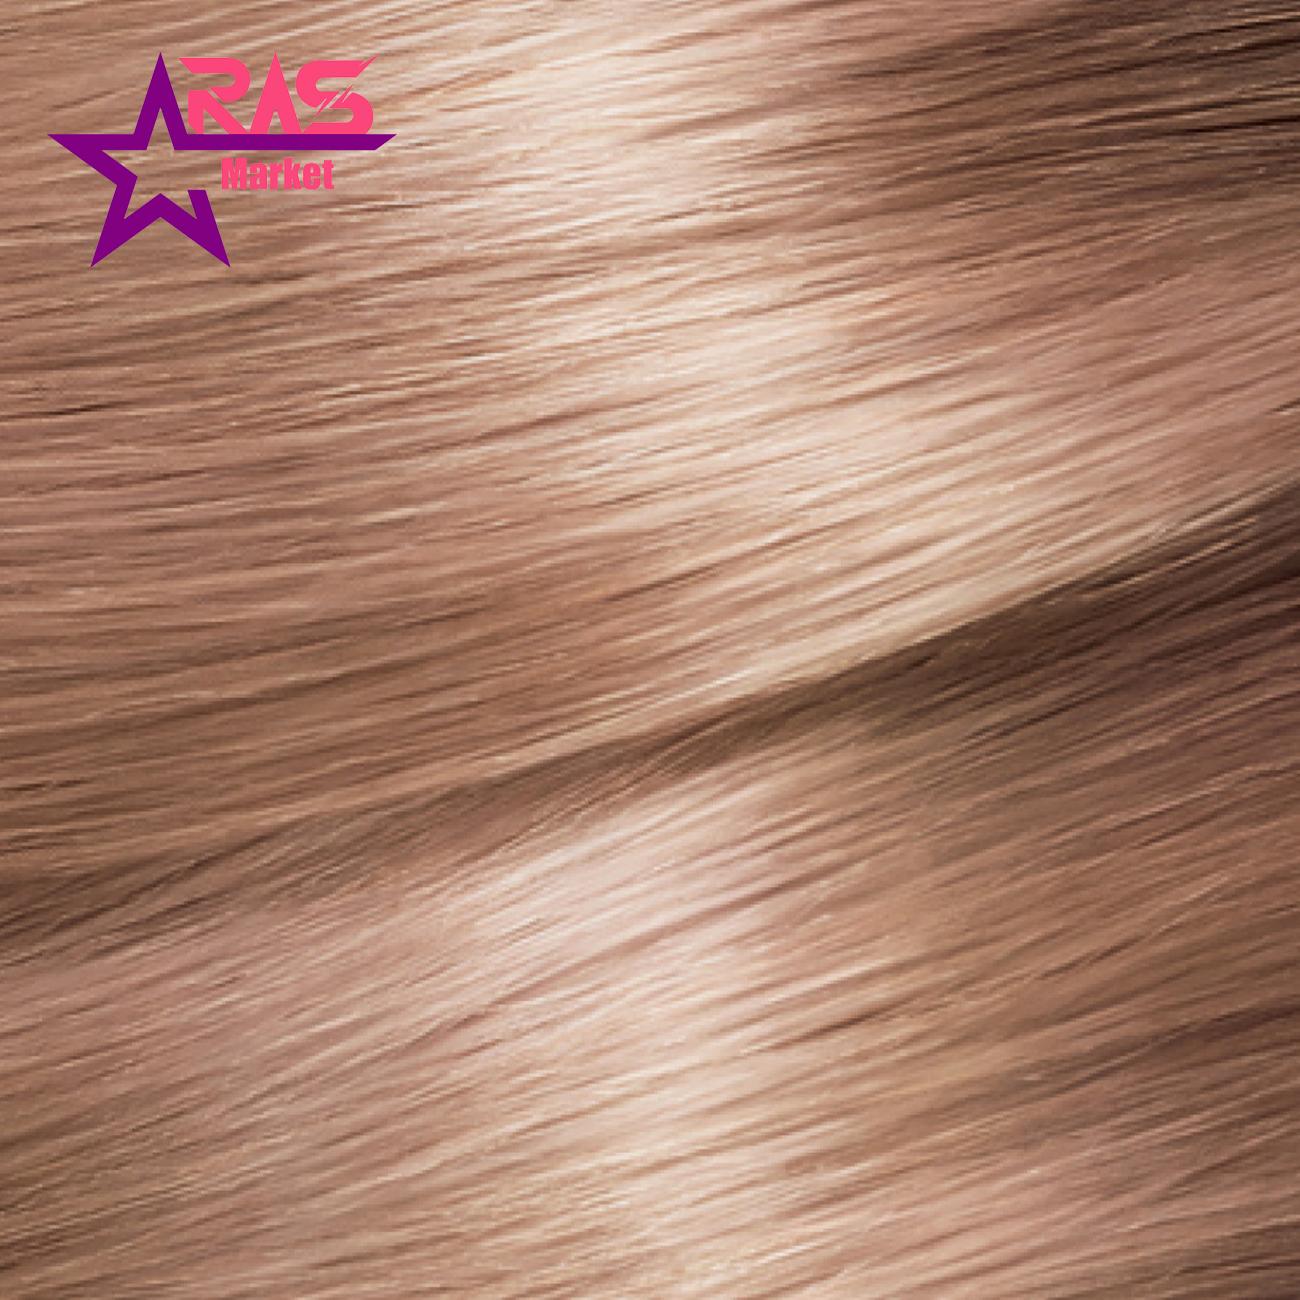 کیت رنگ مو گارنیر سری Color Naturals شماره 8N ، فروشگاه اینترنتی ارس مارکت ، کیت رنگ موی garnier